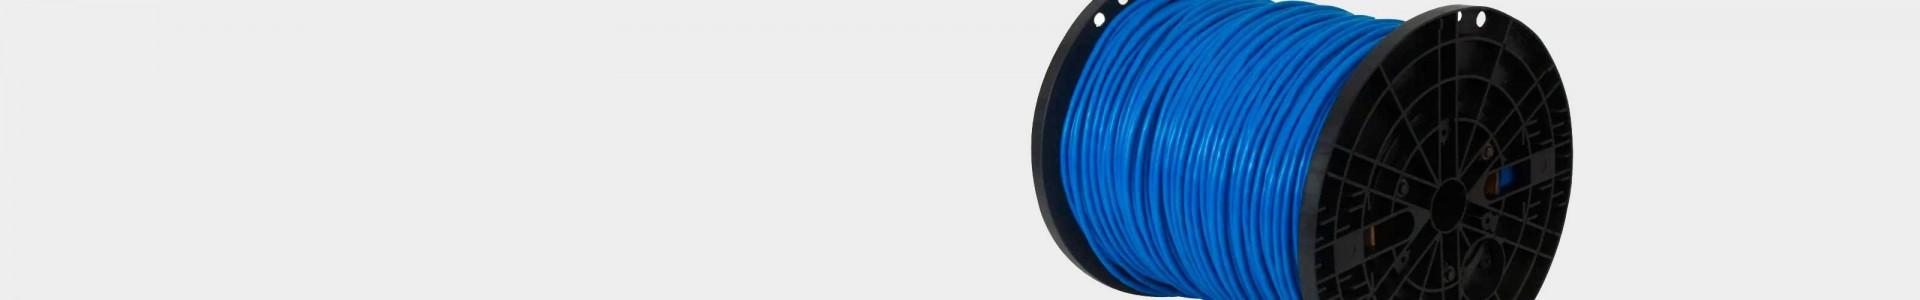 Cavi Microfonici di alta qualità - Avacab